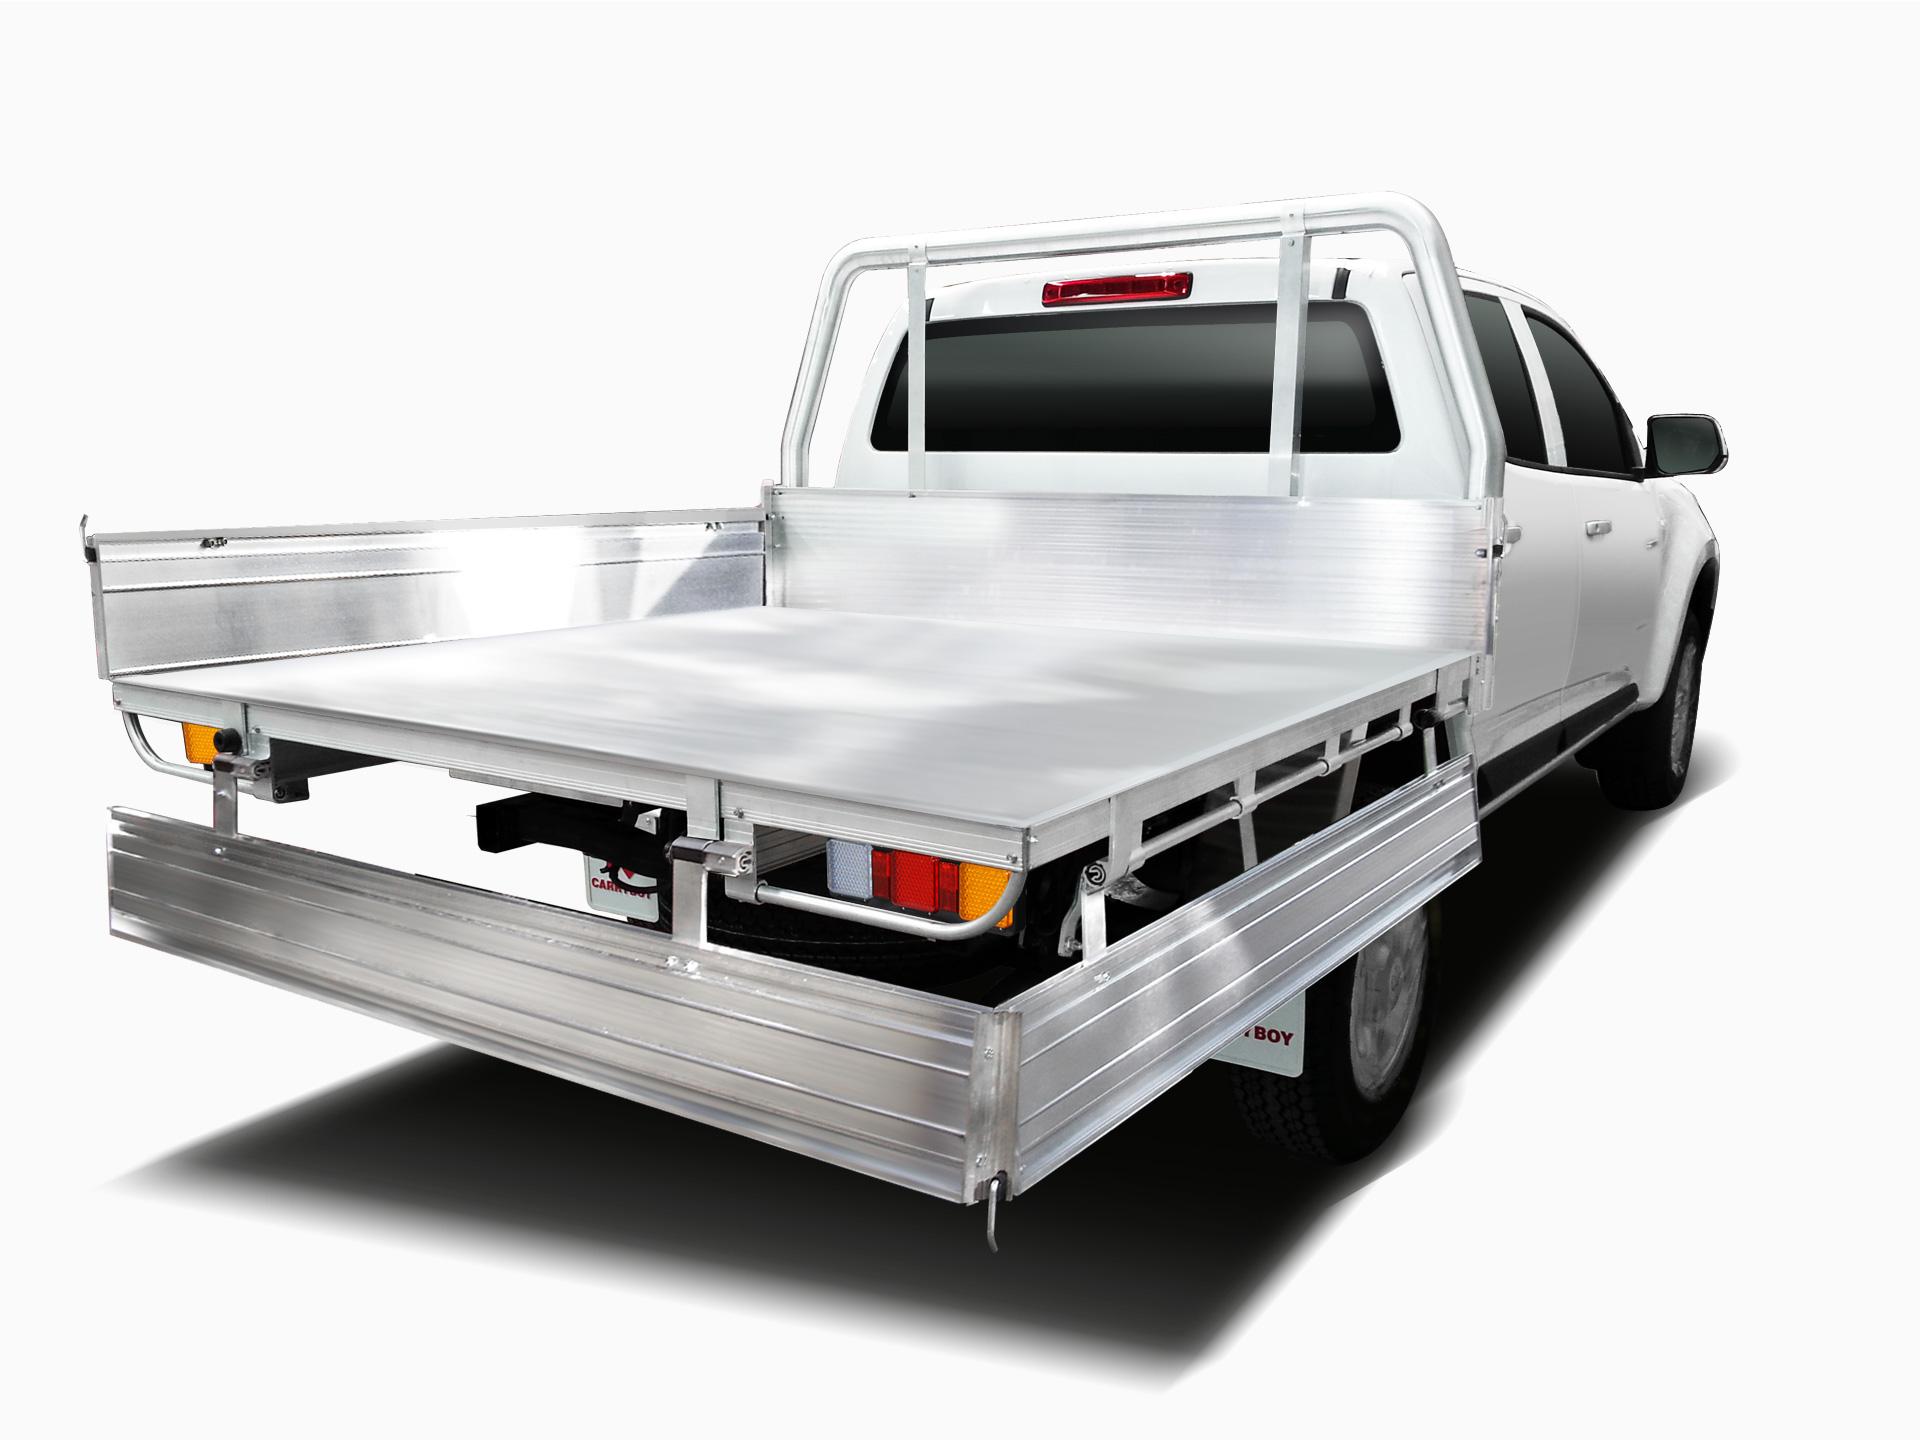 Carryboy Fahrgestellaufbau Aluminium Ladefläche für Doppelkabine Pickup Bracken klappbar